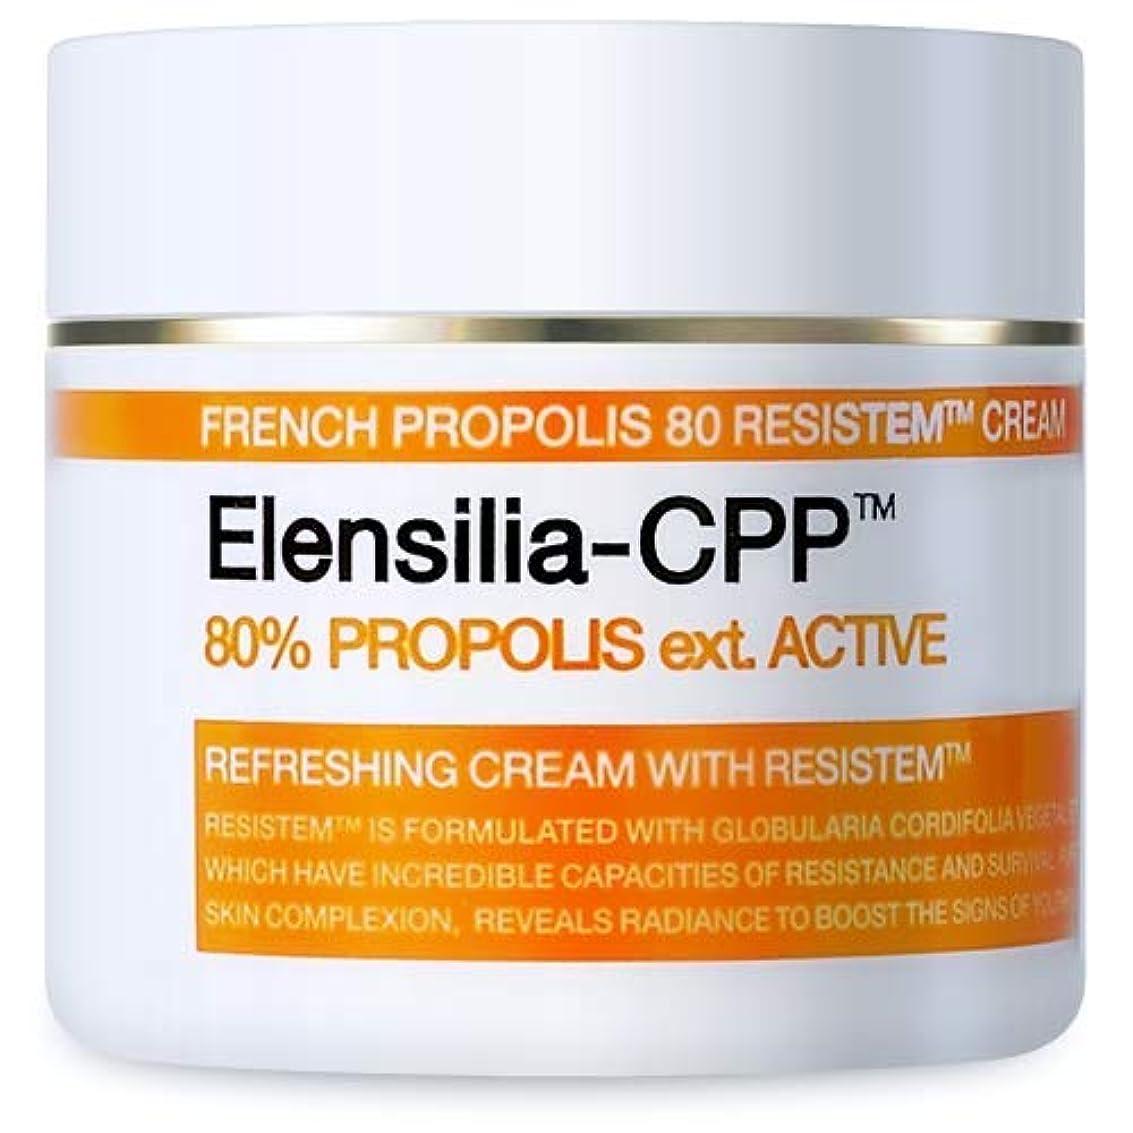 のれん用心深い複製するElensilia CPP フレンチ プロポリス 80 リシステム クリーム / CPP French Propolis 80 Resistem Cream (50g) [並行輸入品]